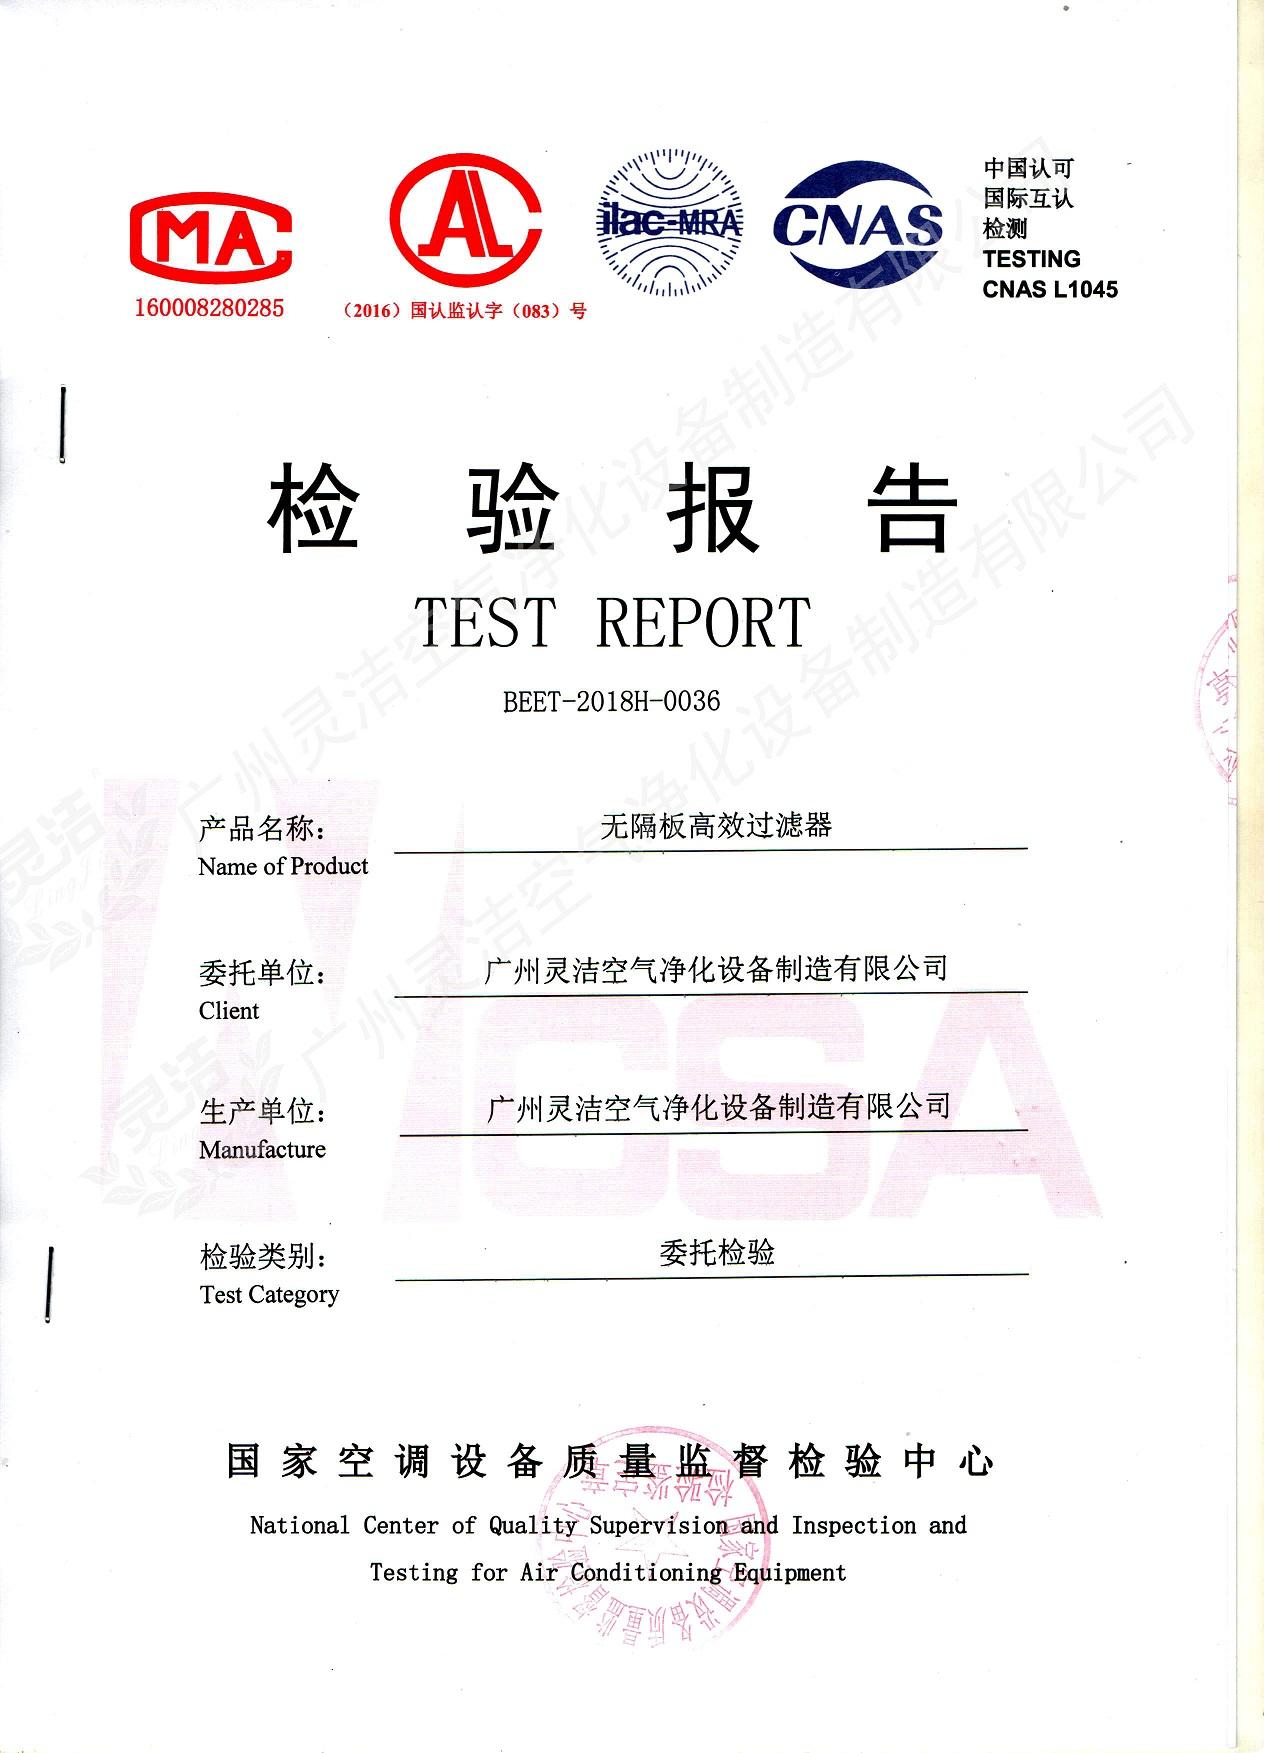 高效过滤器国家检测报告